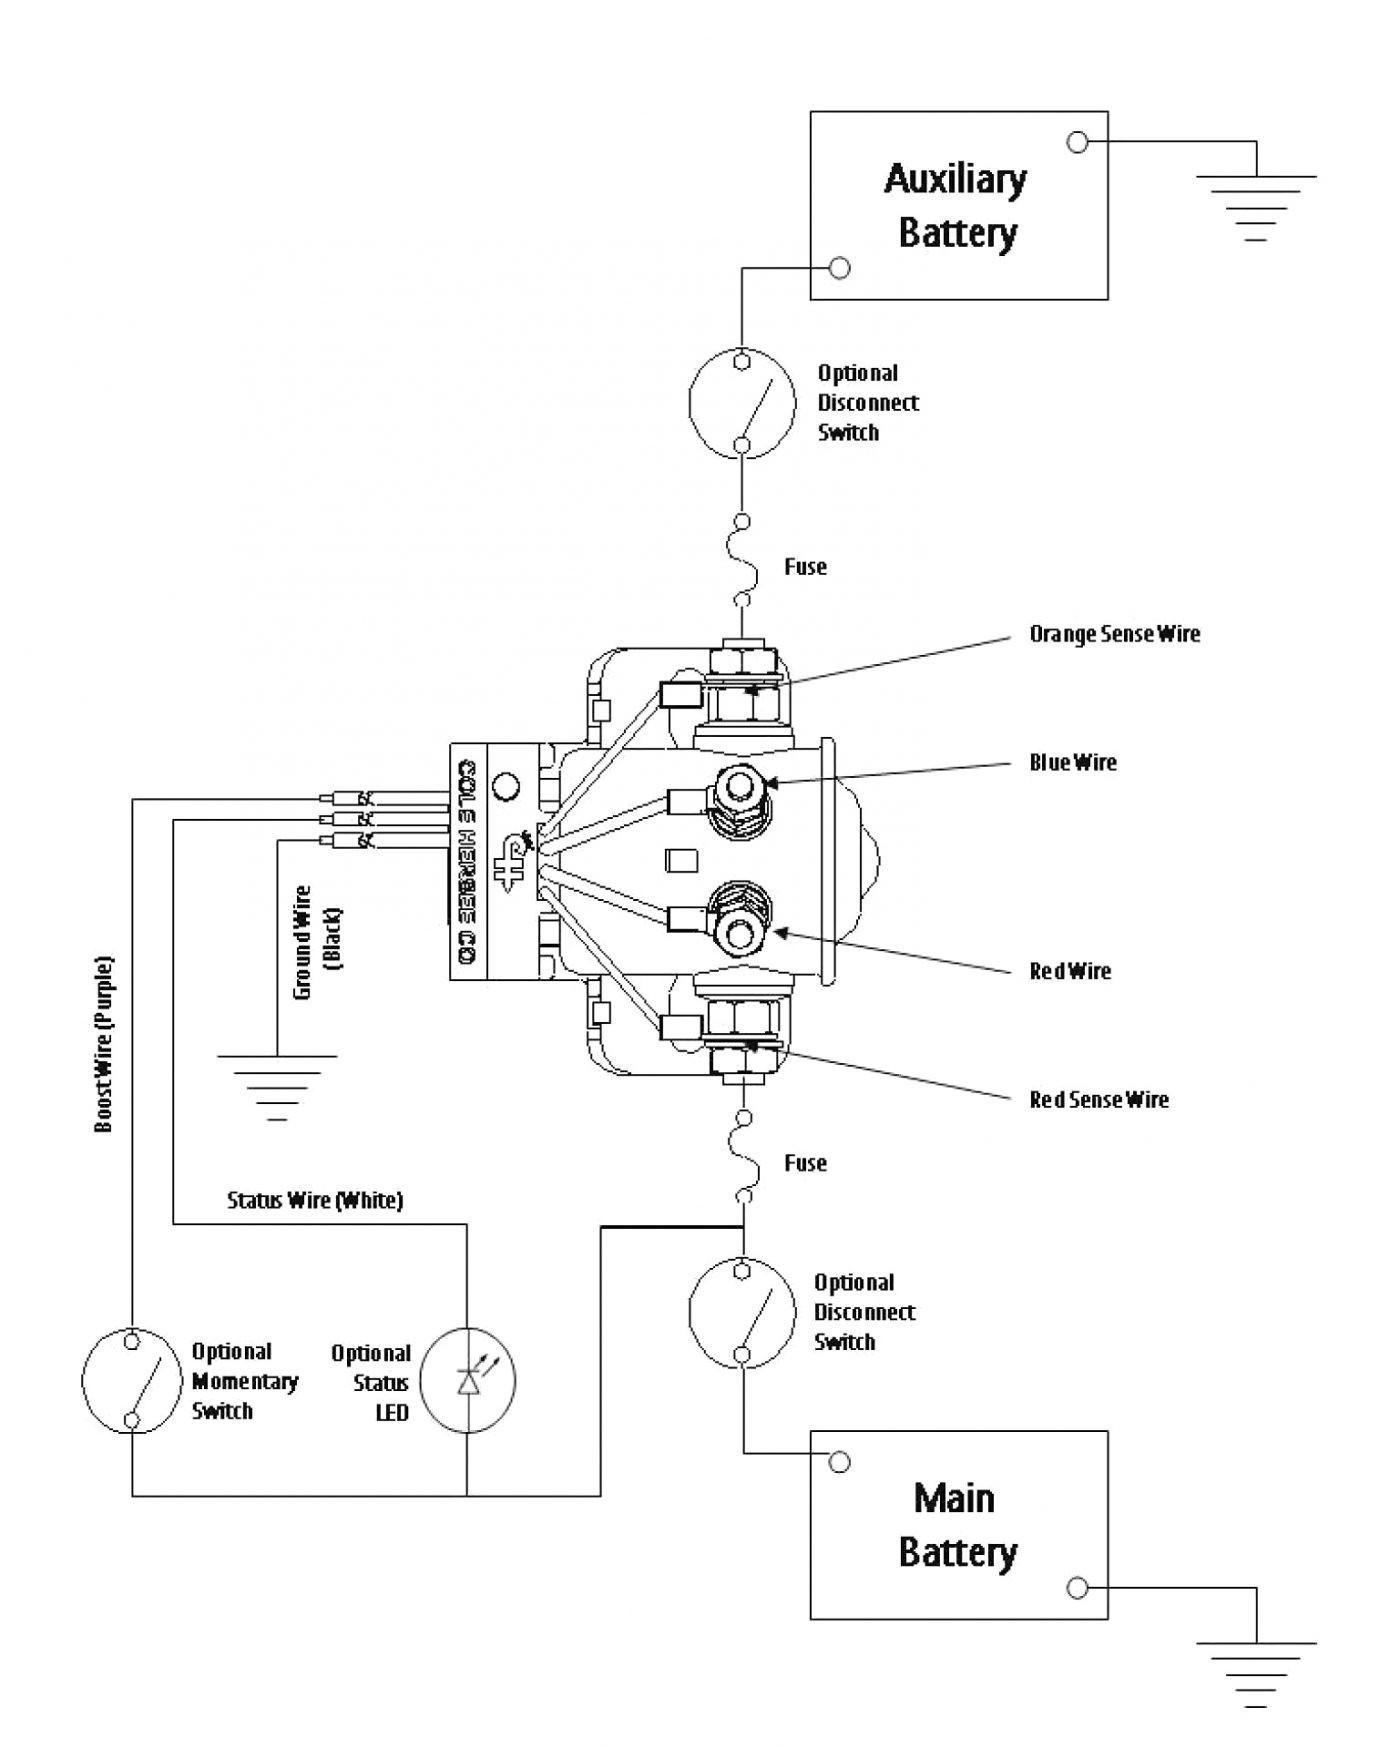 hight resolution of 1995 club car wiring diagram wiring library1986 club car wiring diagram wiring diagram image club car